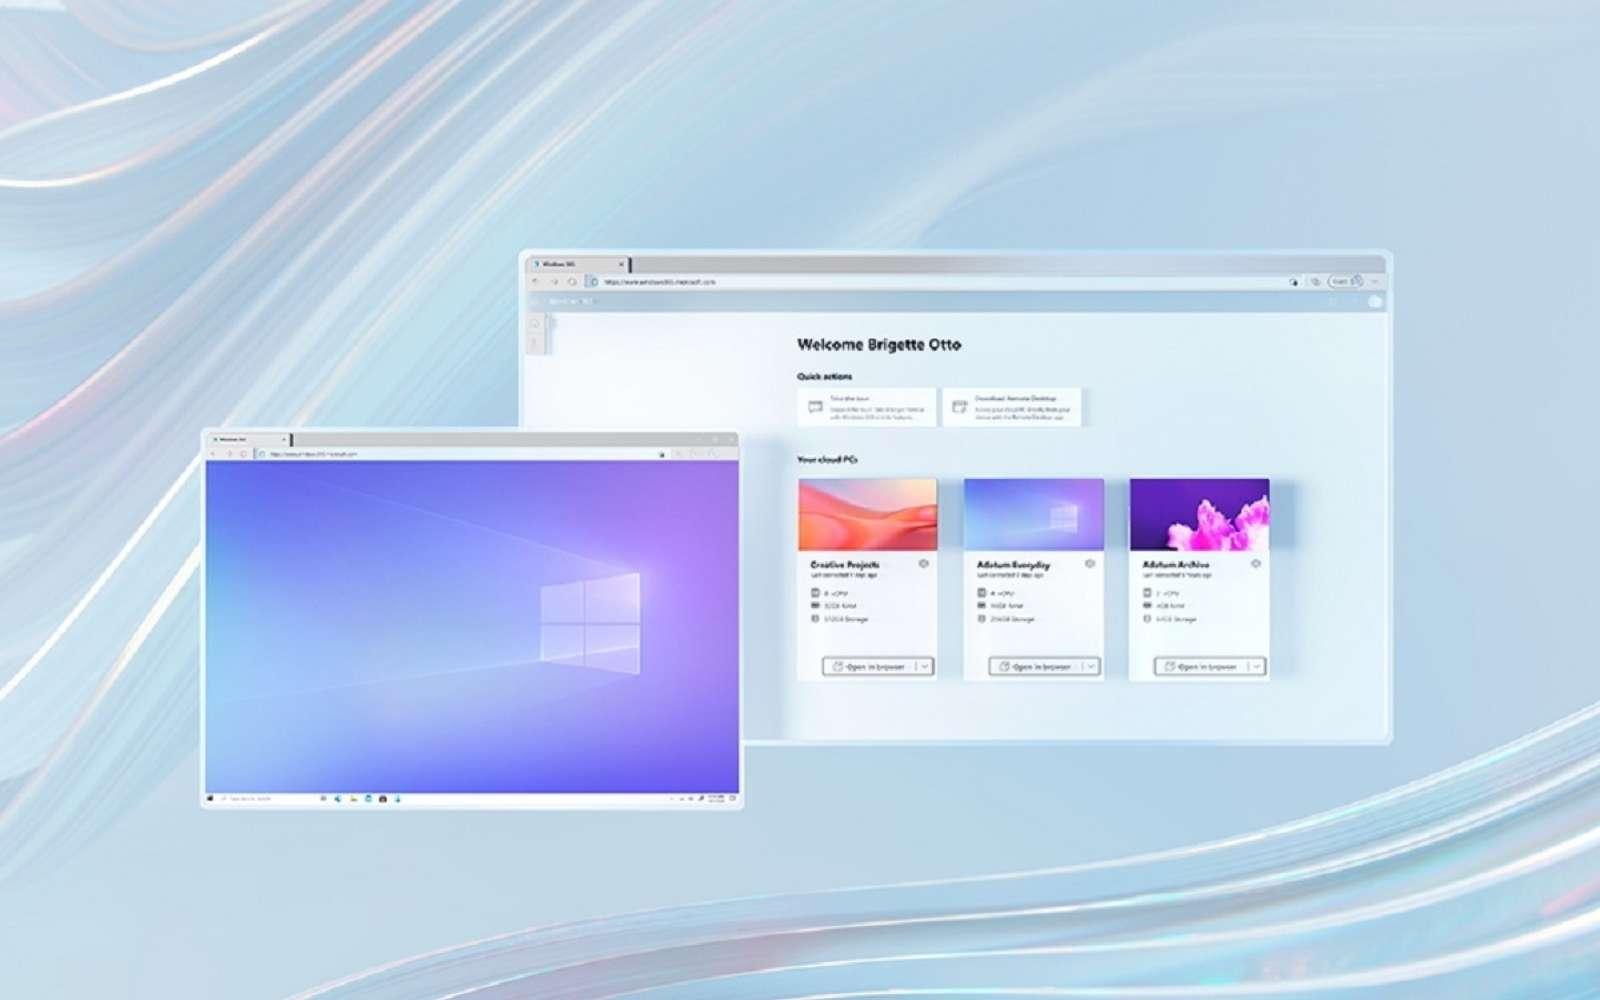 C'est via un navigateur ou une application qu'il sera possible d'accéder à Windows 365. © Microsoft